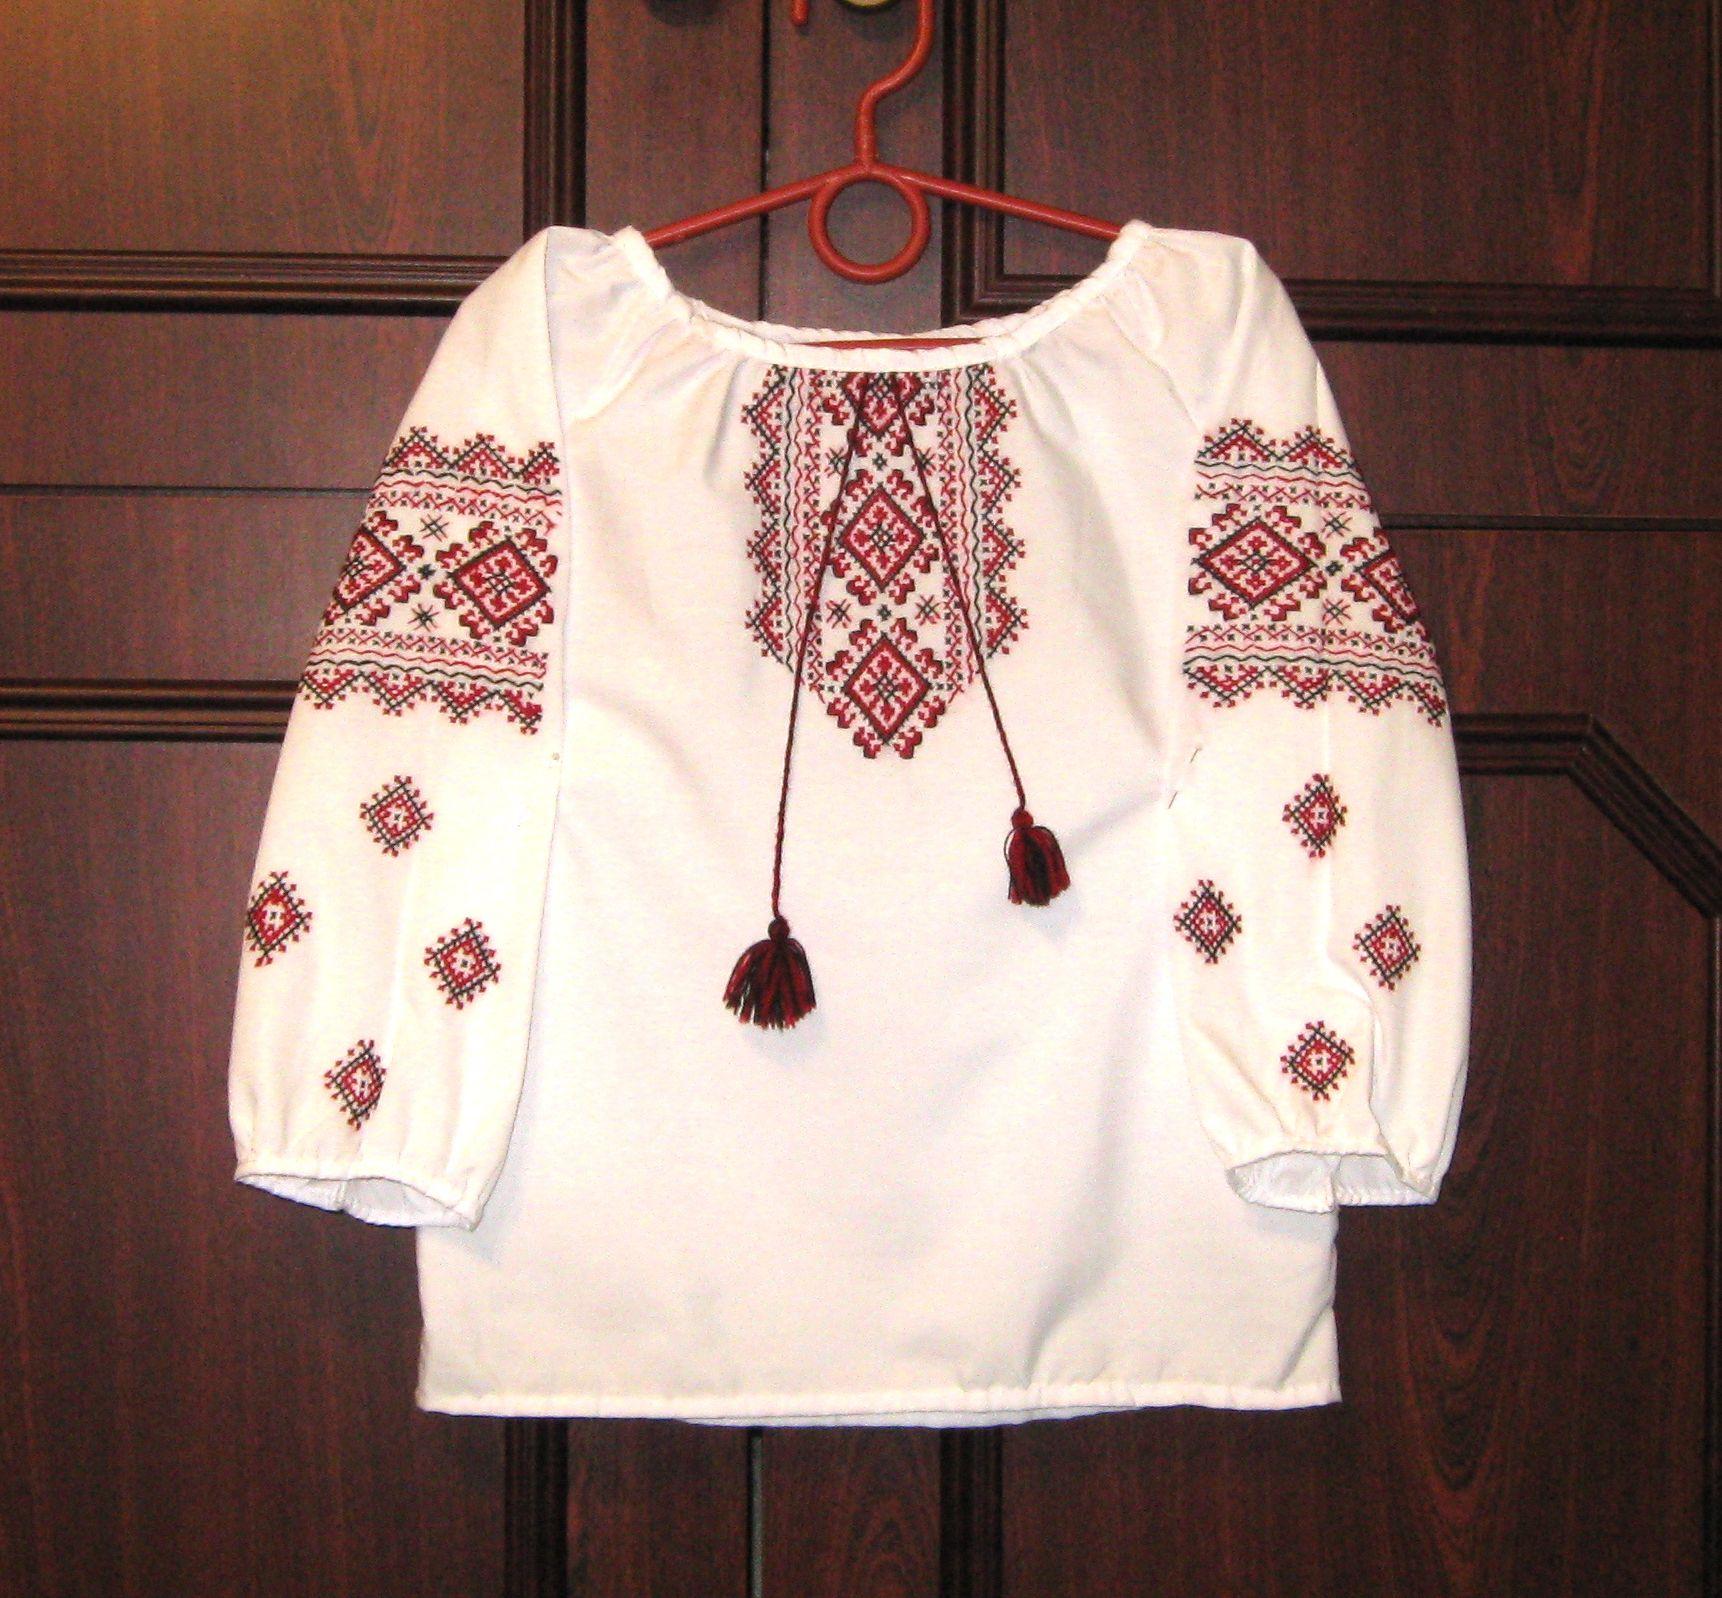 Вишита сорочка ручної роботи для маленької дівчинки дешево ціна ... 5dcafeacc3c90